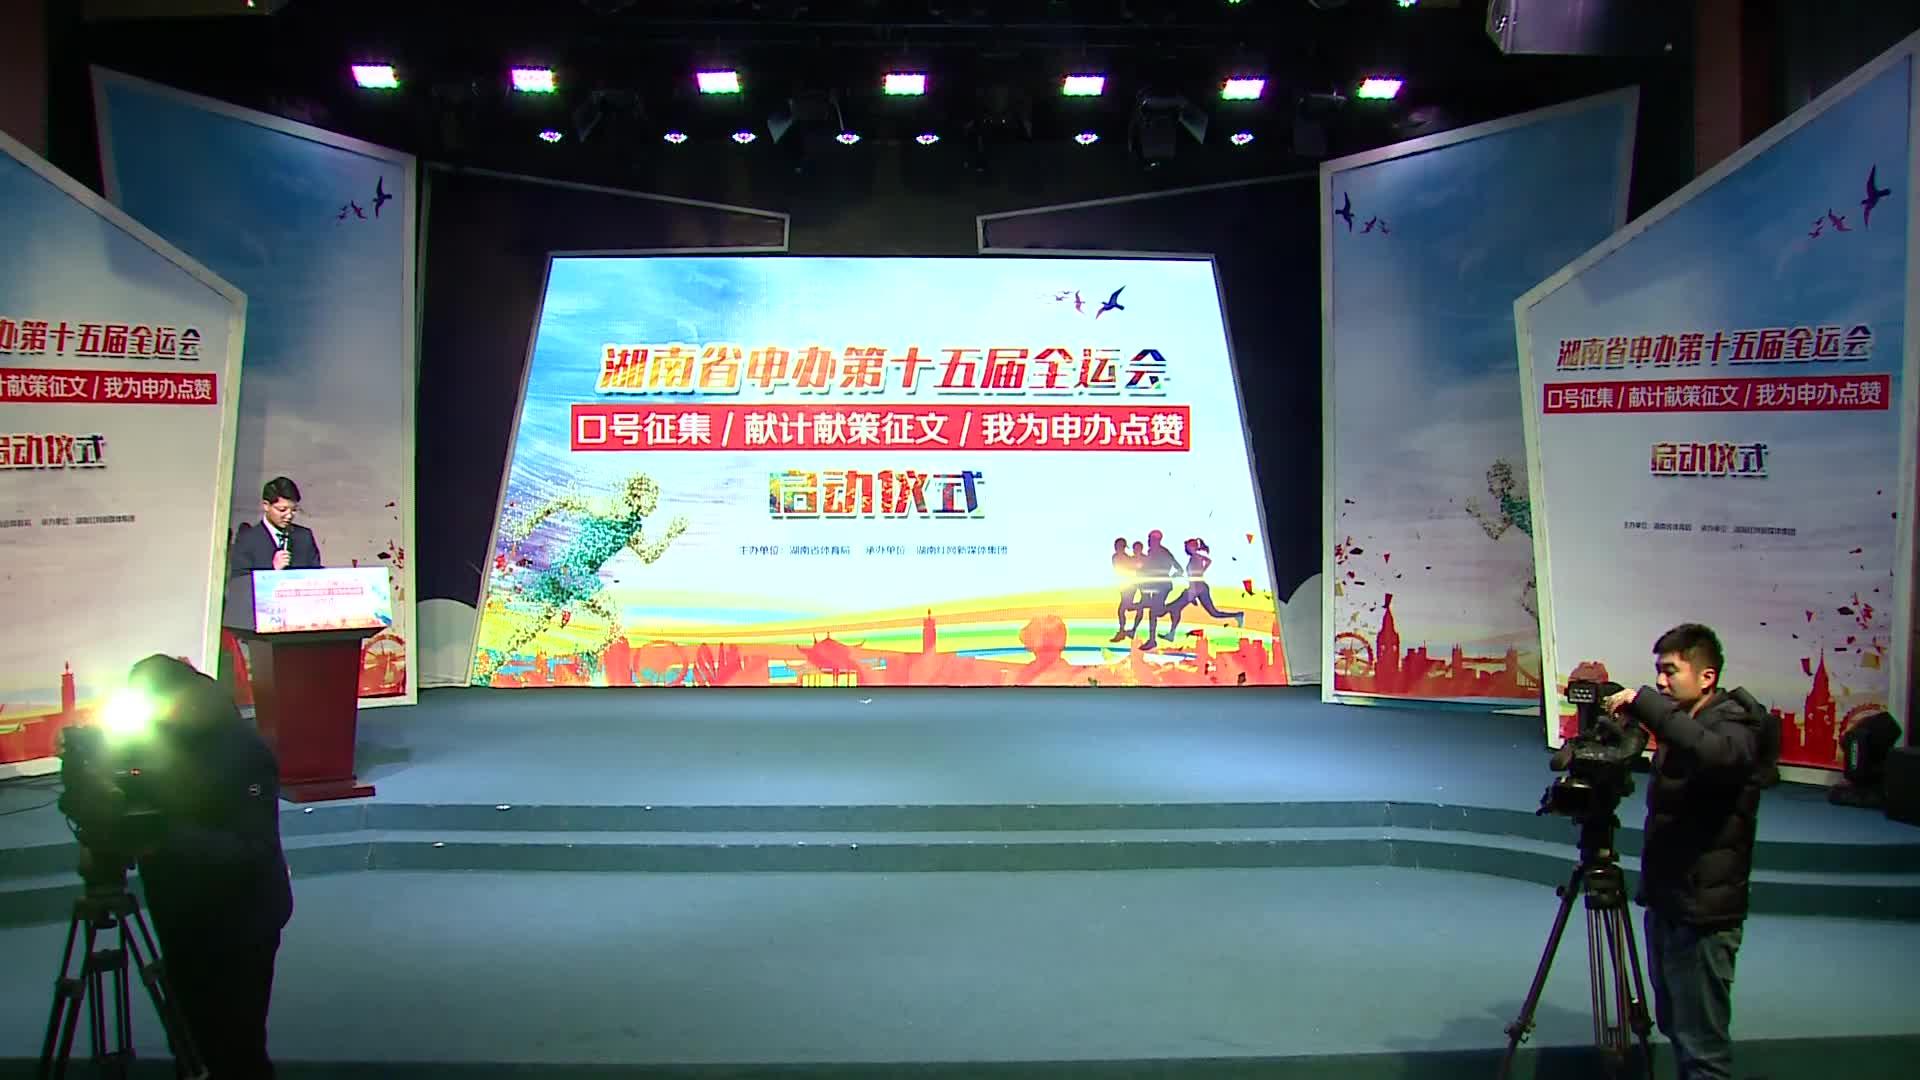 【全程回放】湖南省申办第十五届全运会